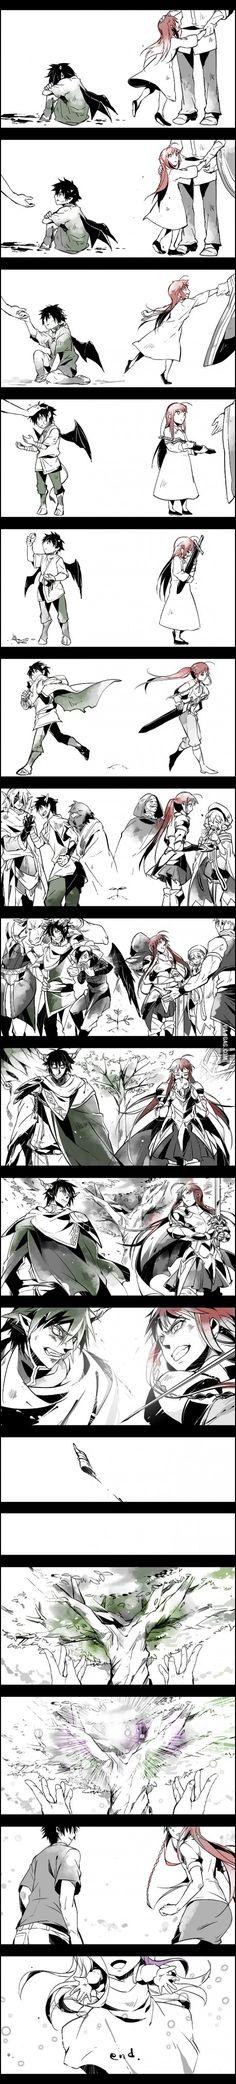 Los dos luchan para proteger,al fin y al cabo los dos son iguales